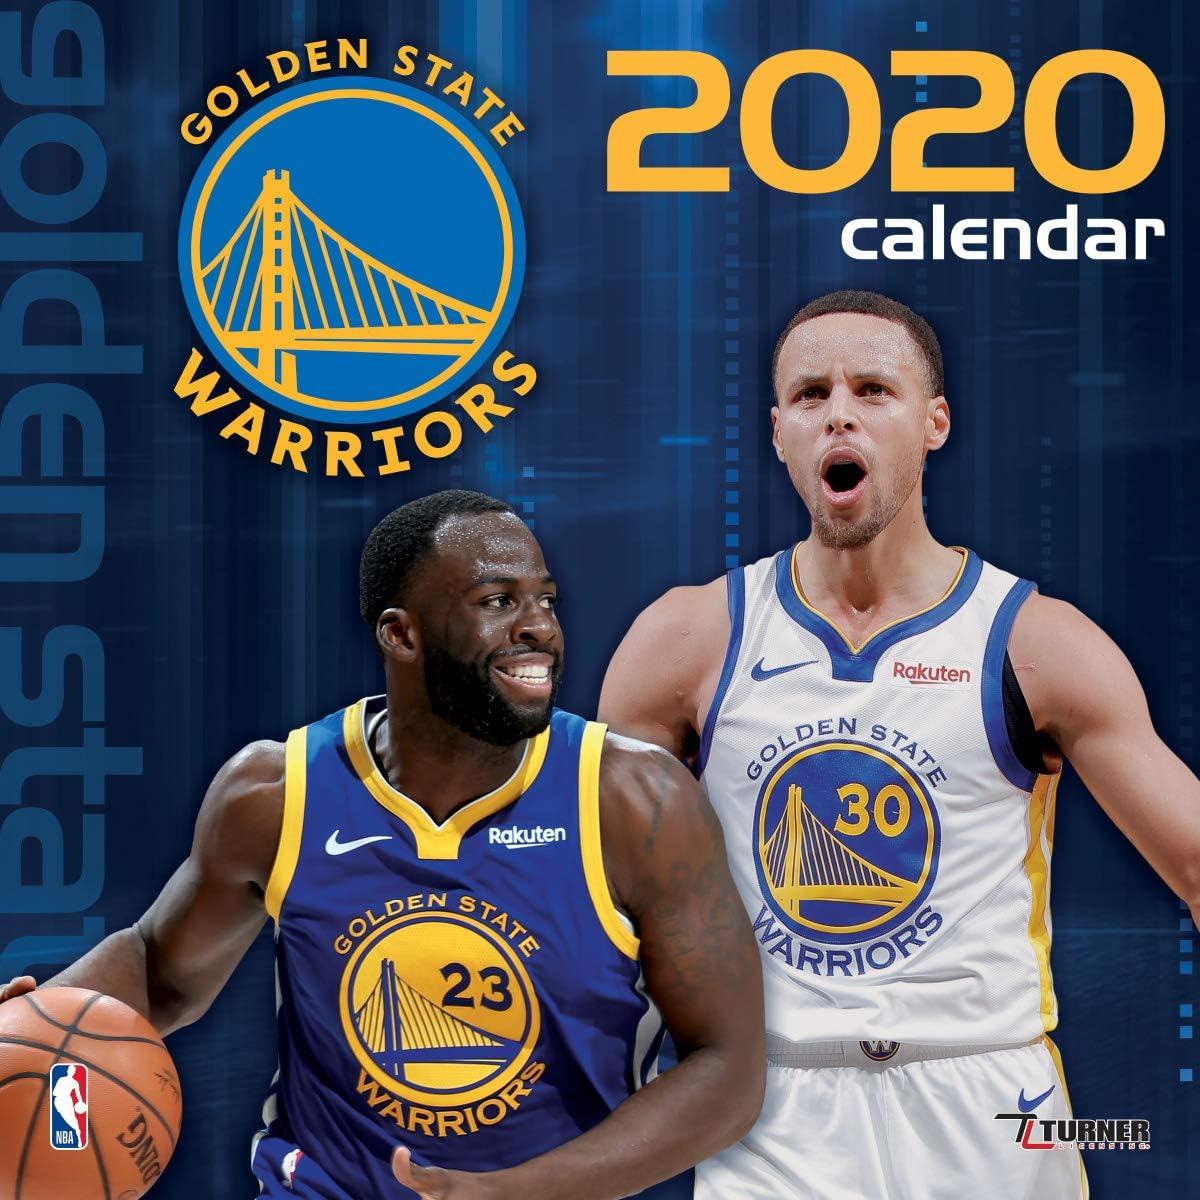 Golden State Warriors 2020 Calendar